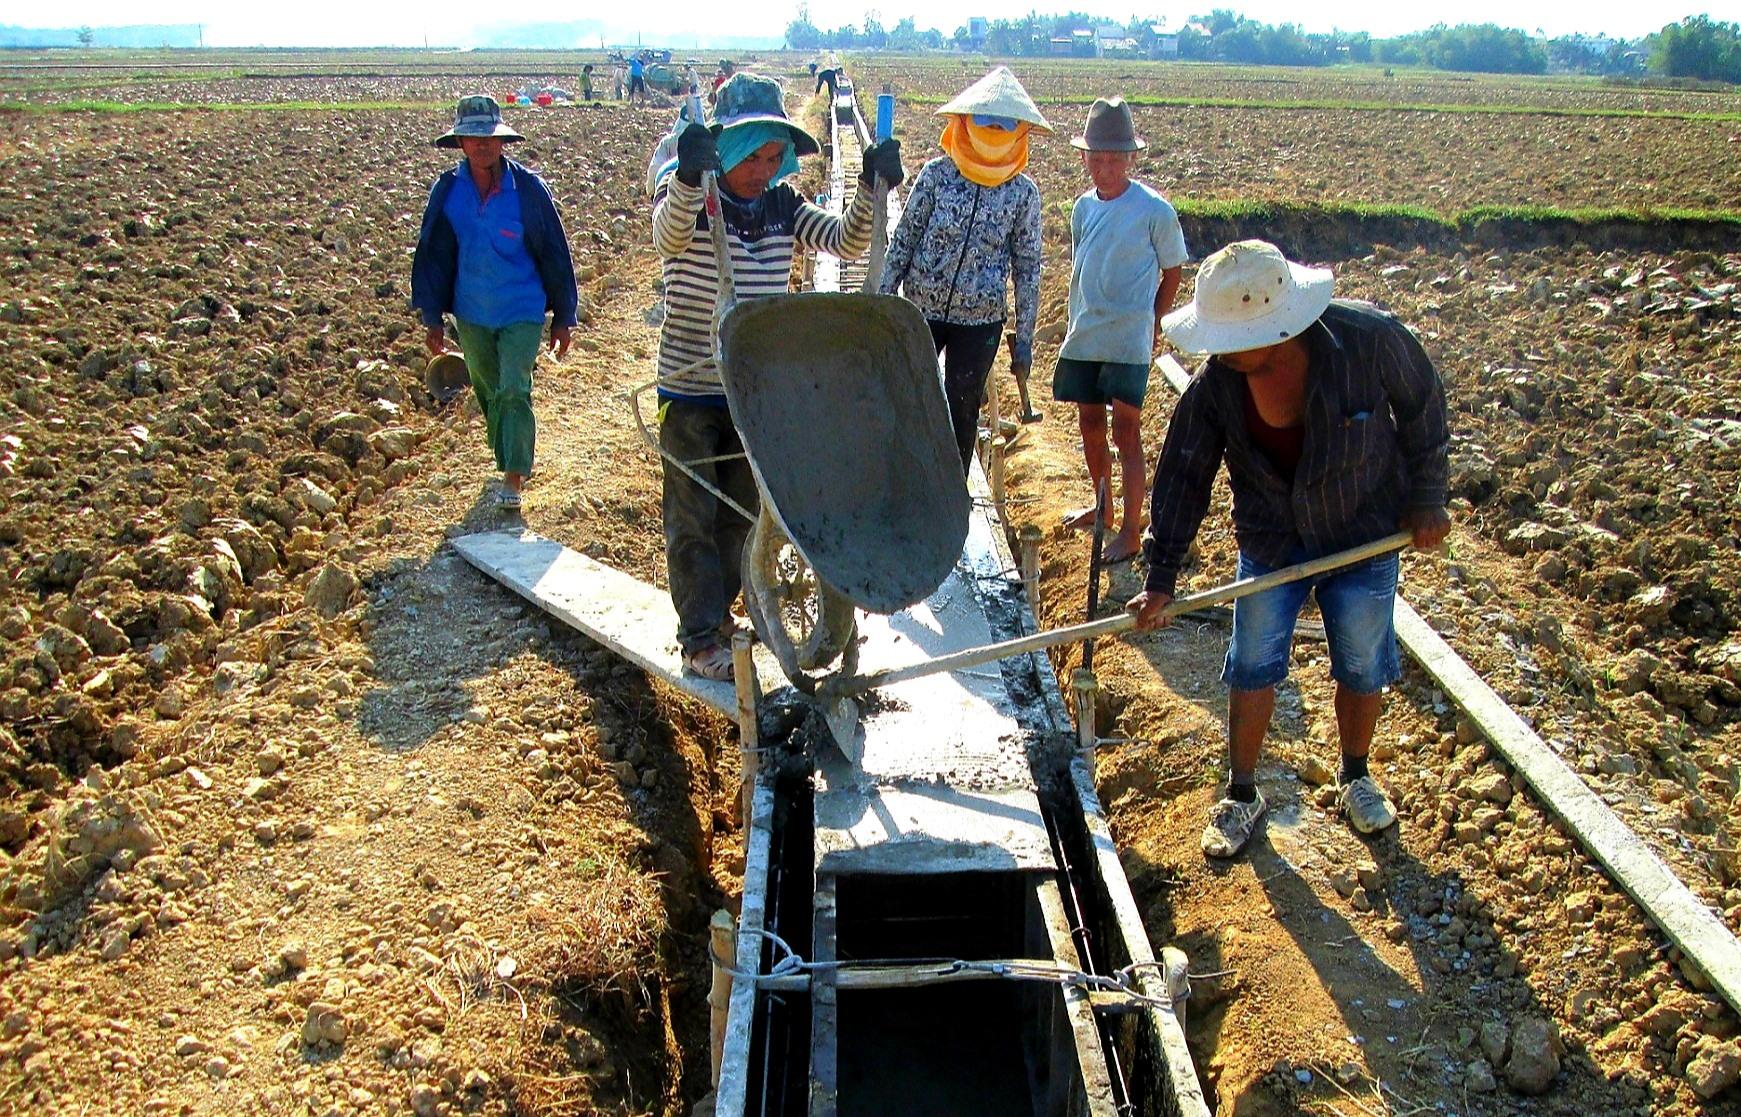 Những năm qua, Quế Sơn ưu tiên nguồn lực xây dựng hạ tầng thủy lợi phục vụ sản xuất nông nghiệp. Ảnh: VĂN SỰ